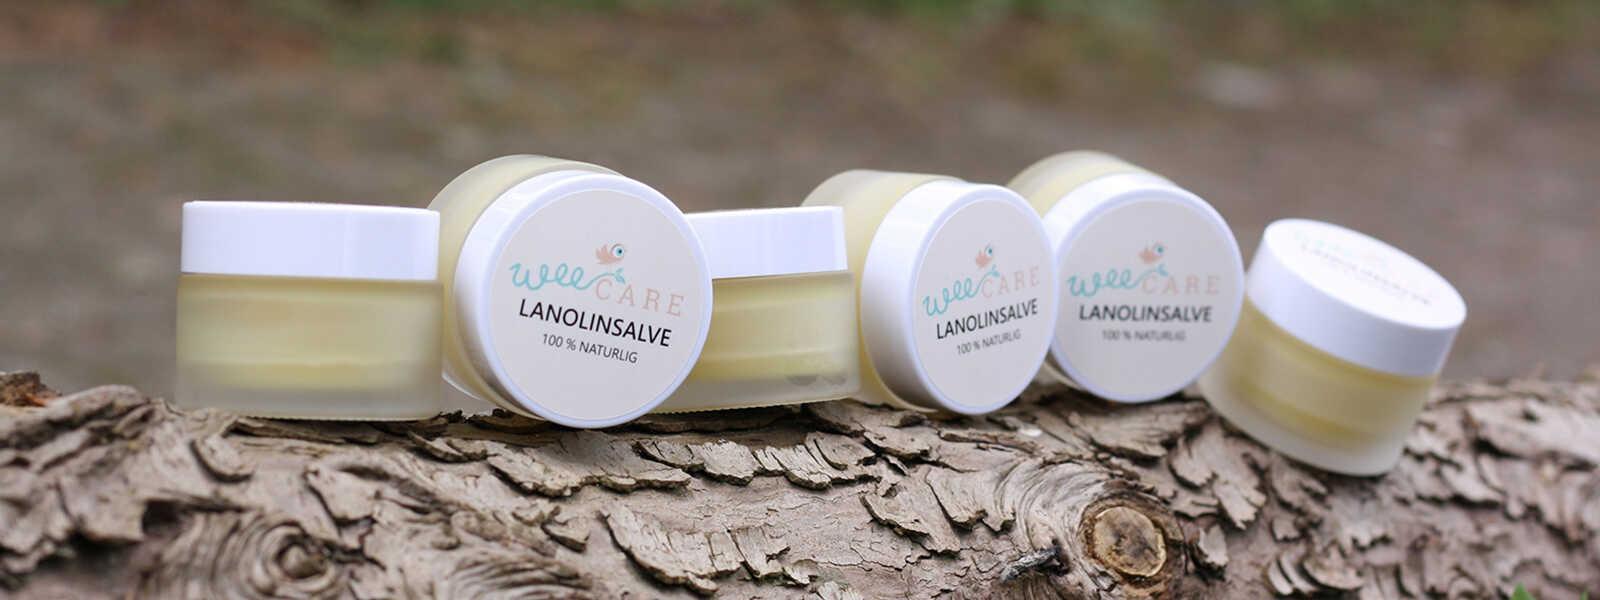 lanolinsalve-barriere-creme-oedelagt-hud-weecare